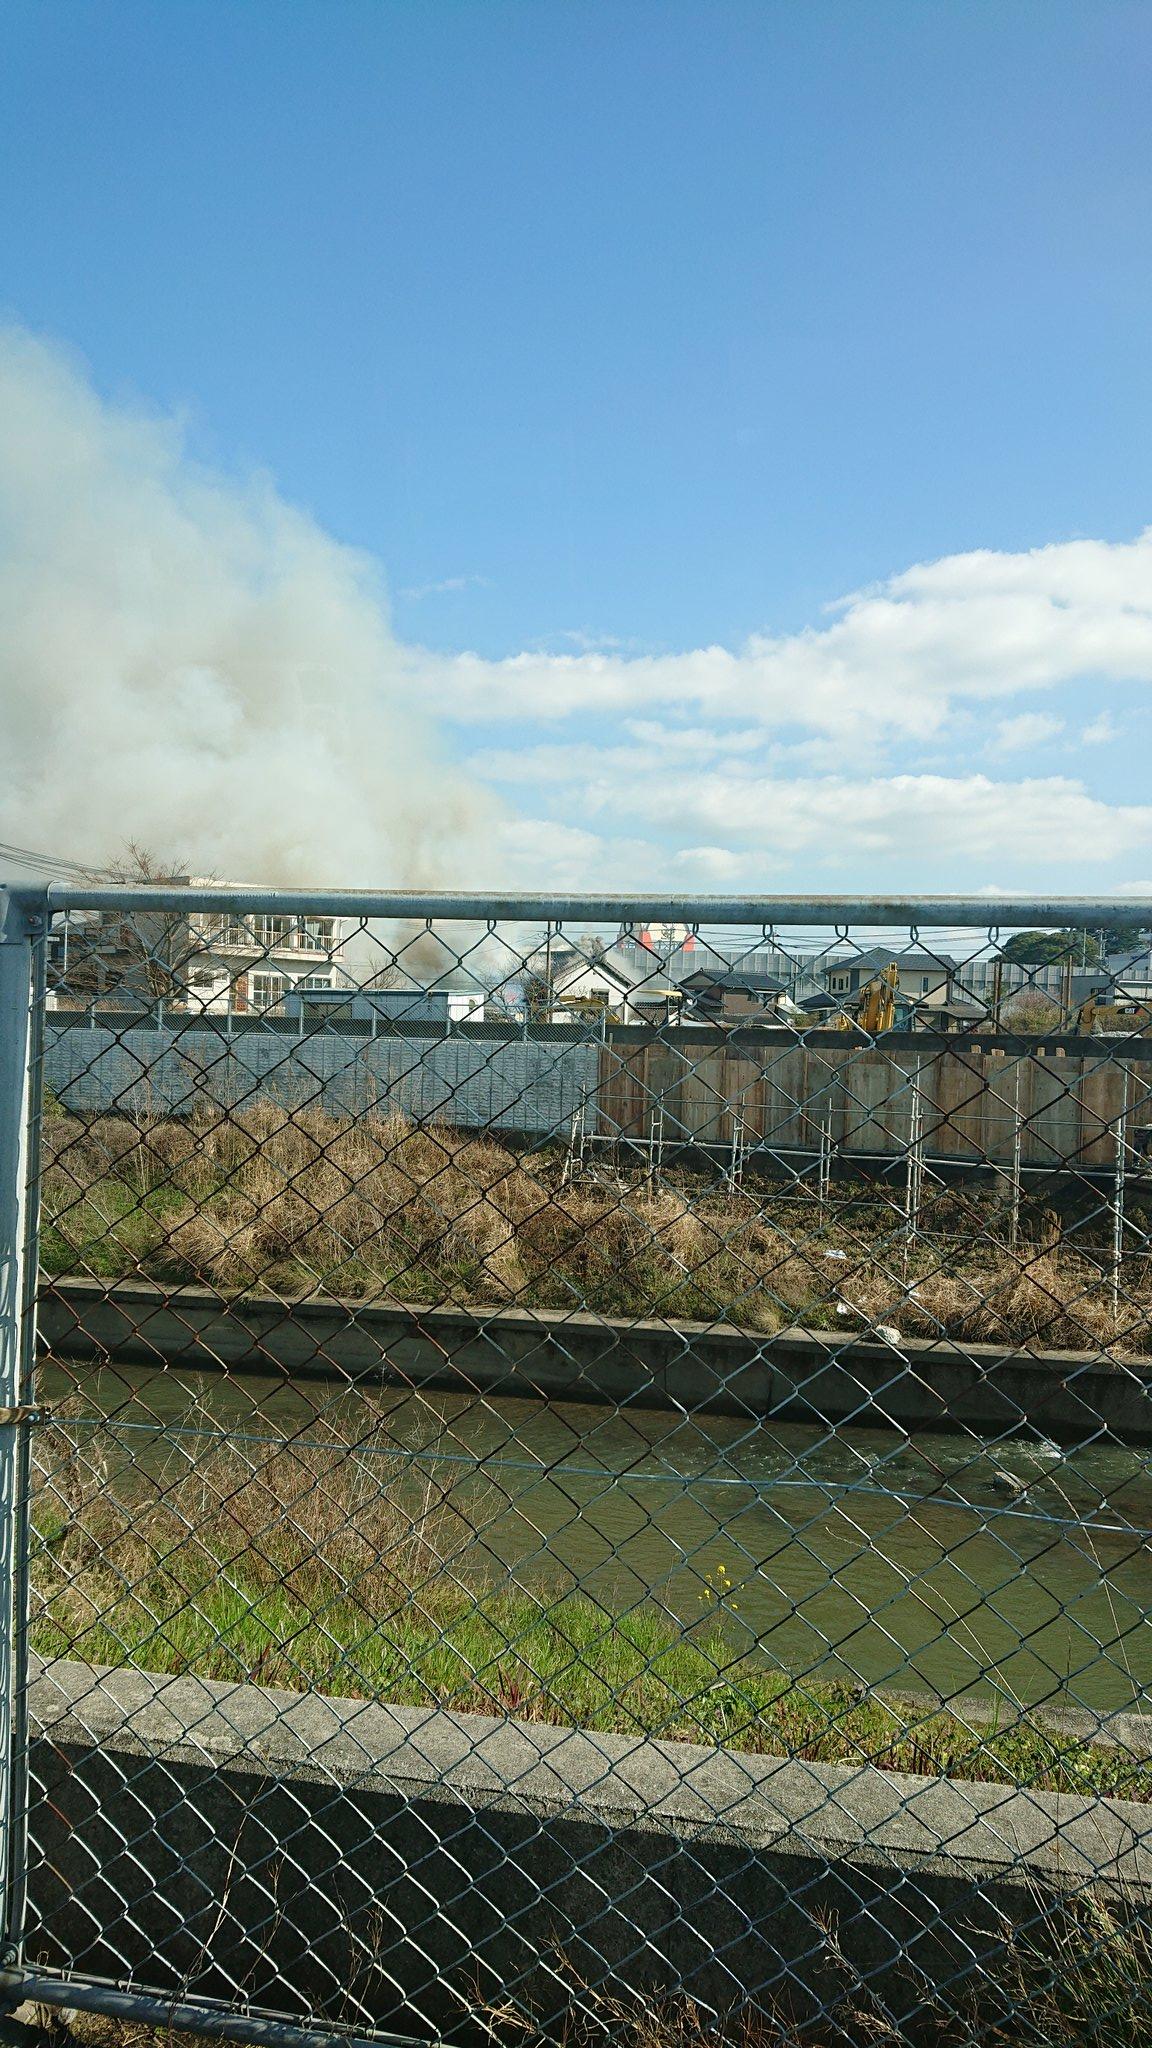 画像,火事だ!!!みぞえかと思ったらその裏だった!#火事 #飯塚 https://t.co/j2FCJTBYgB。